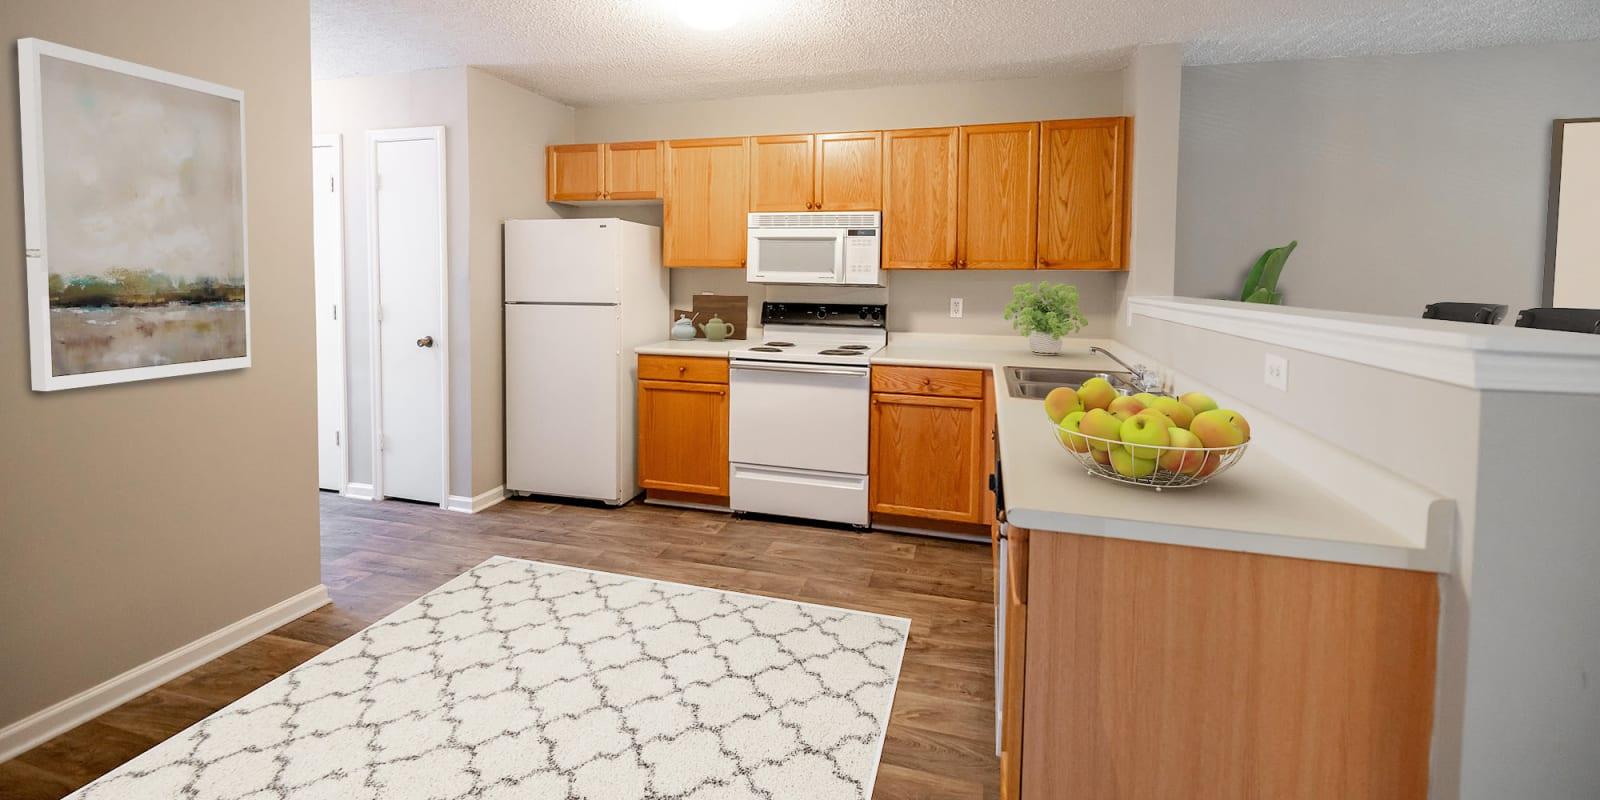 Bright Spacious Kitchen at Kannan Station Apartment Homes in Kannapolis, North Carolina